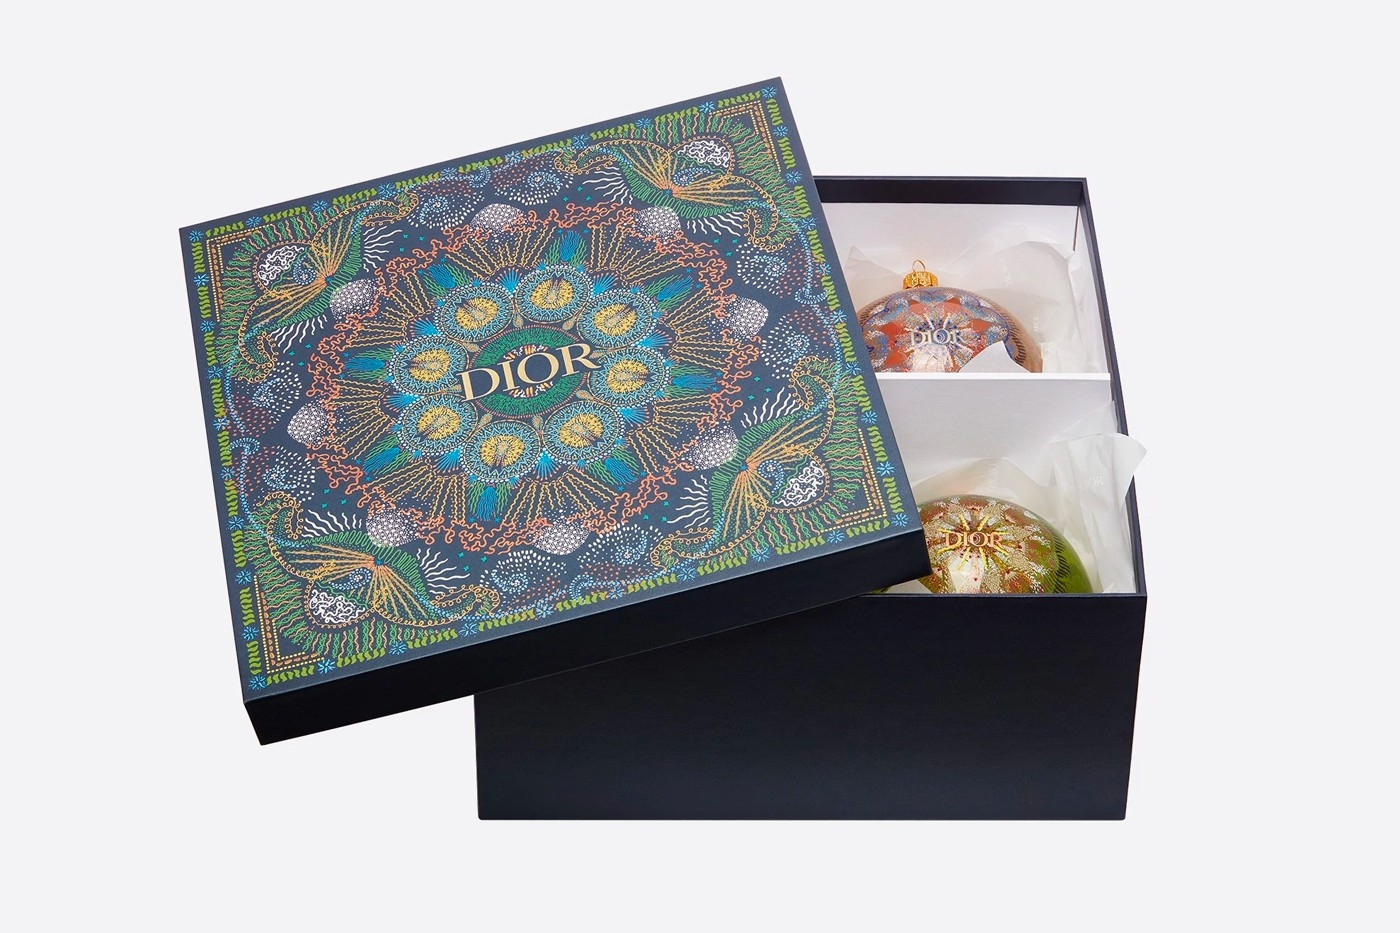 Объект желания: Dior выпустили набор елочных игрушек с изящными орнаментом (ФОТО) - фото №1